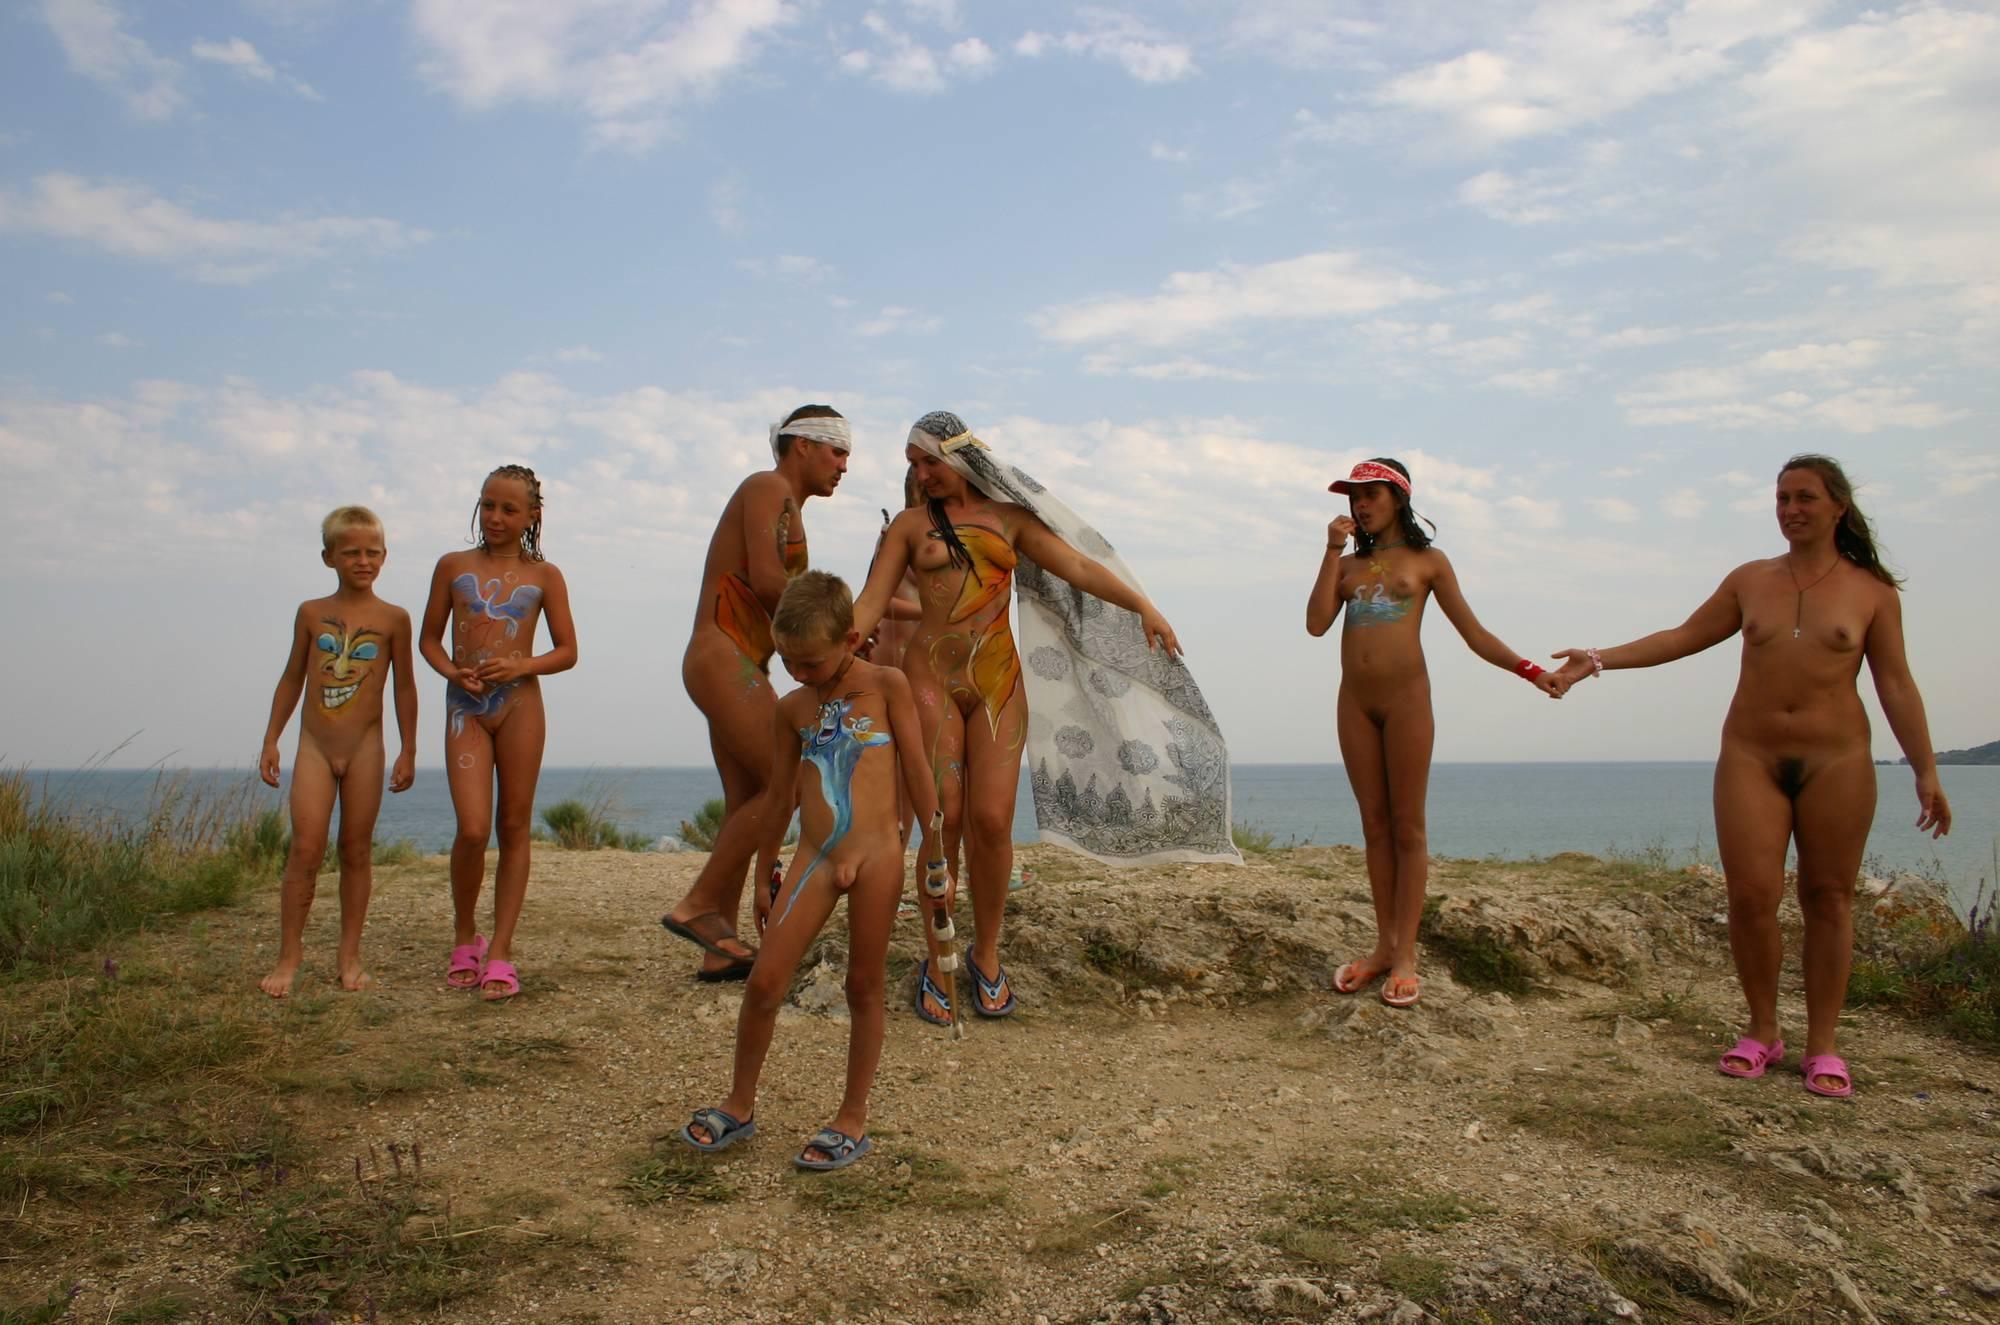 Purenudism Pics-Top Sand Group Naturists - 1